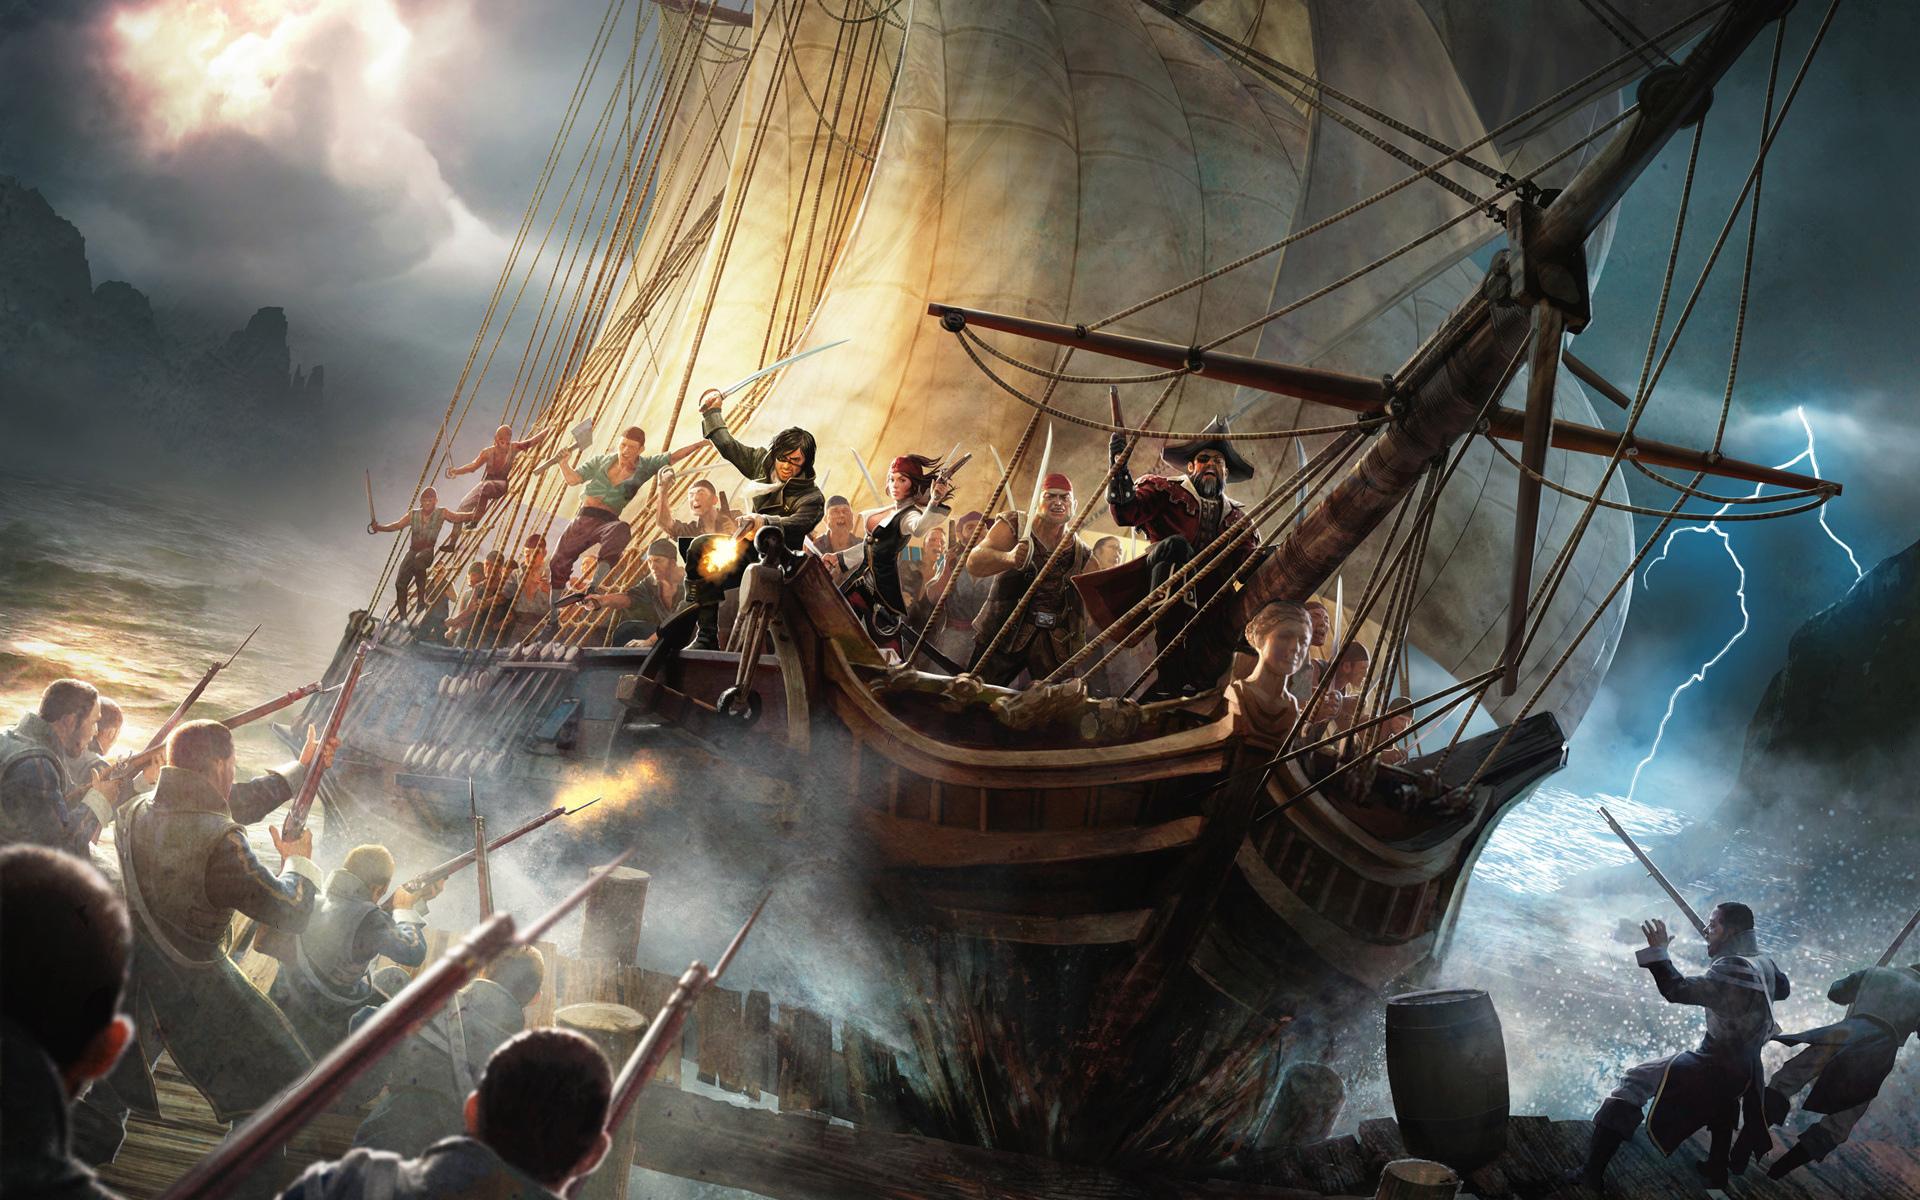 пираты черного моря нападают на корабль